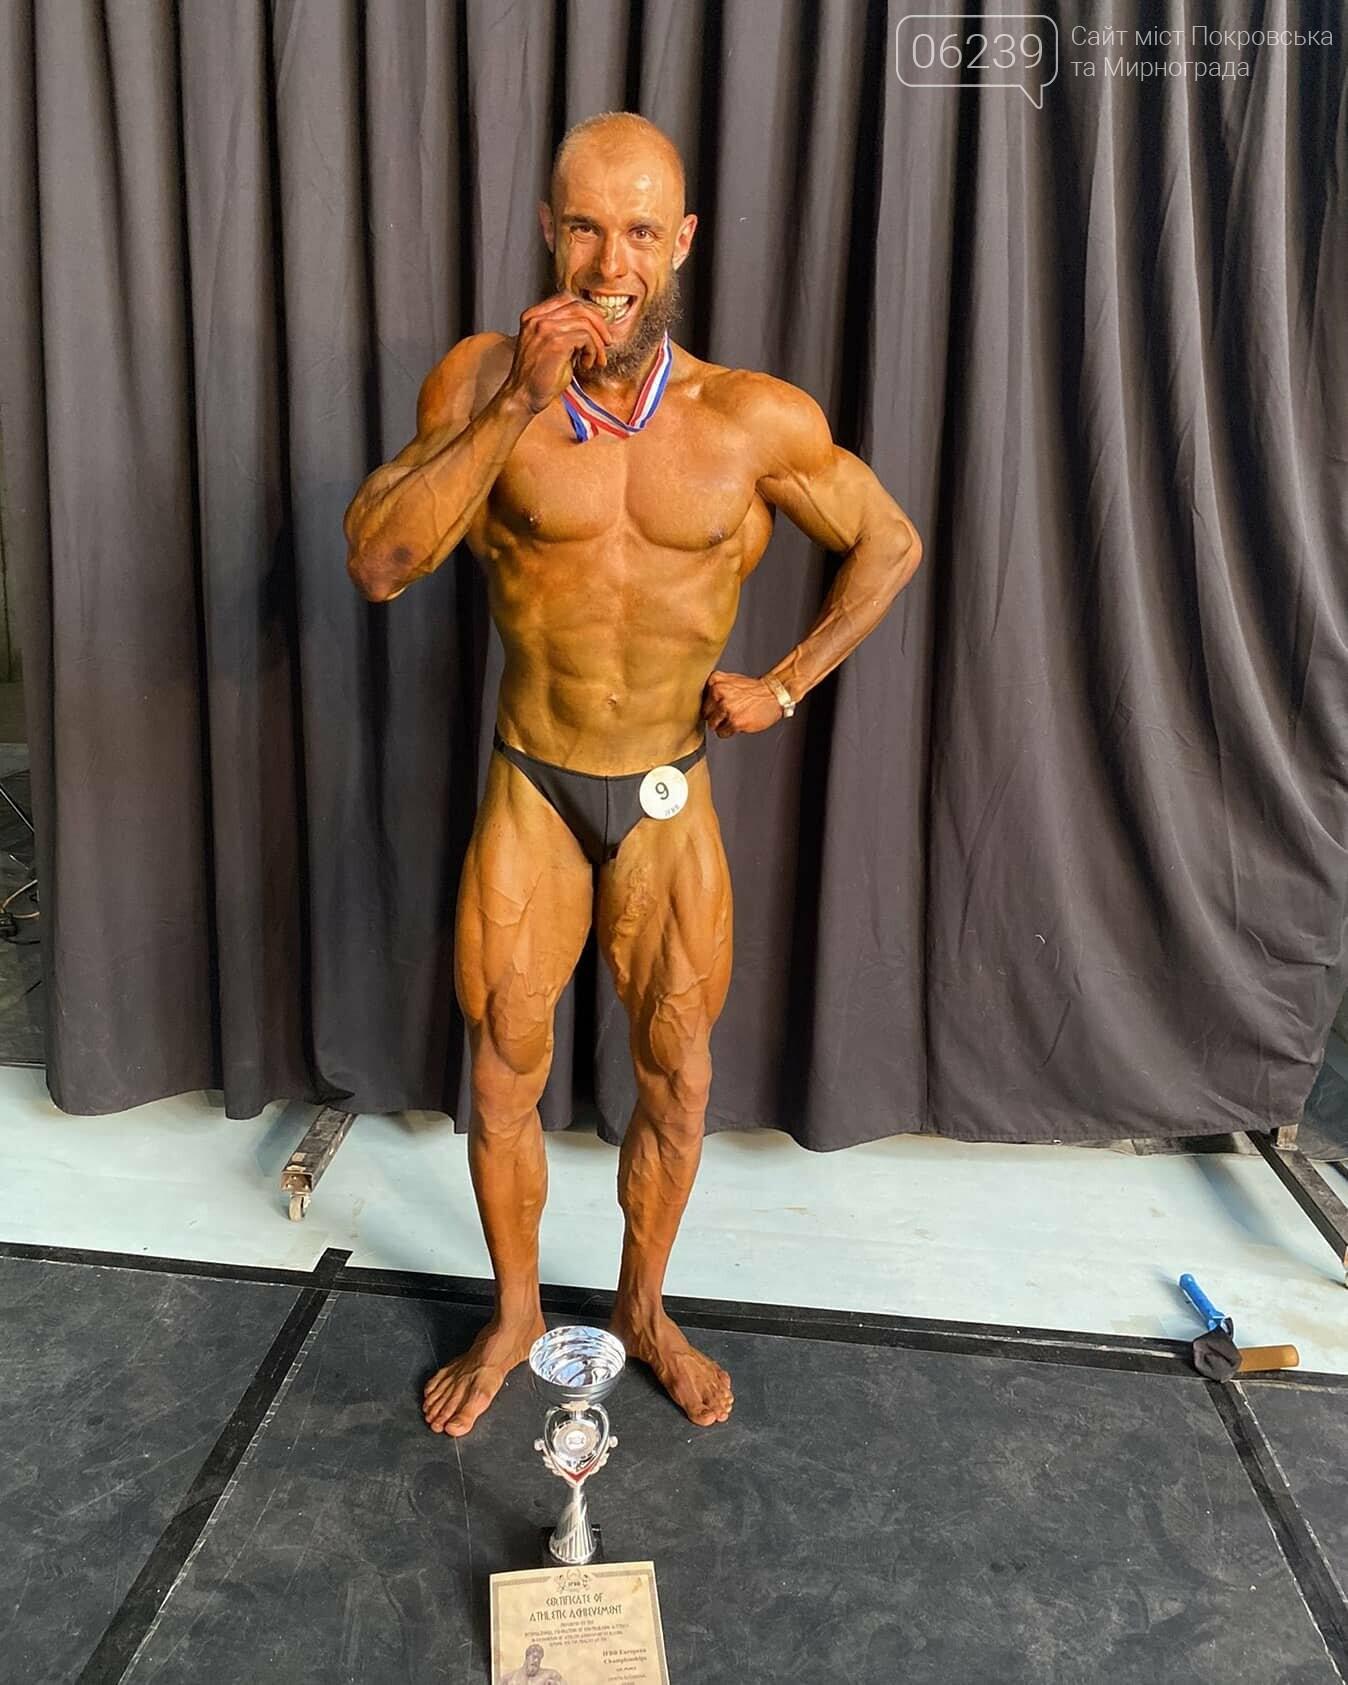 Уроженец Покровска Максим Говберг завоевал золотую медаль на чемпионате Европы по бодибилдингу, фото-7